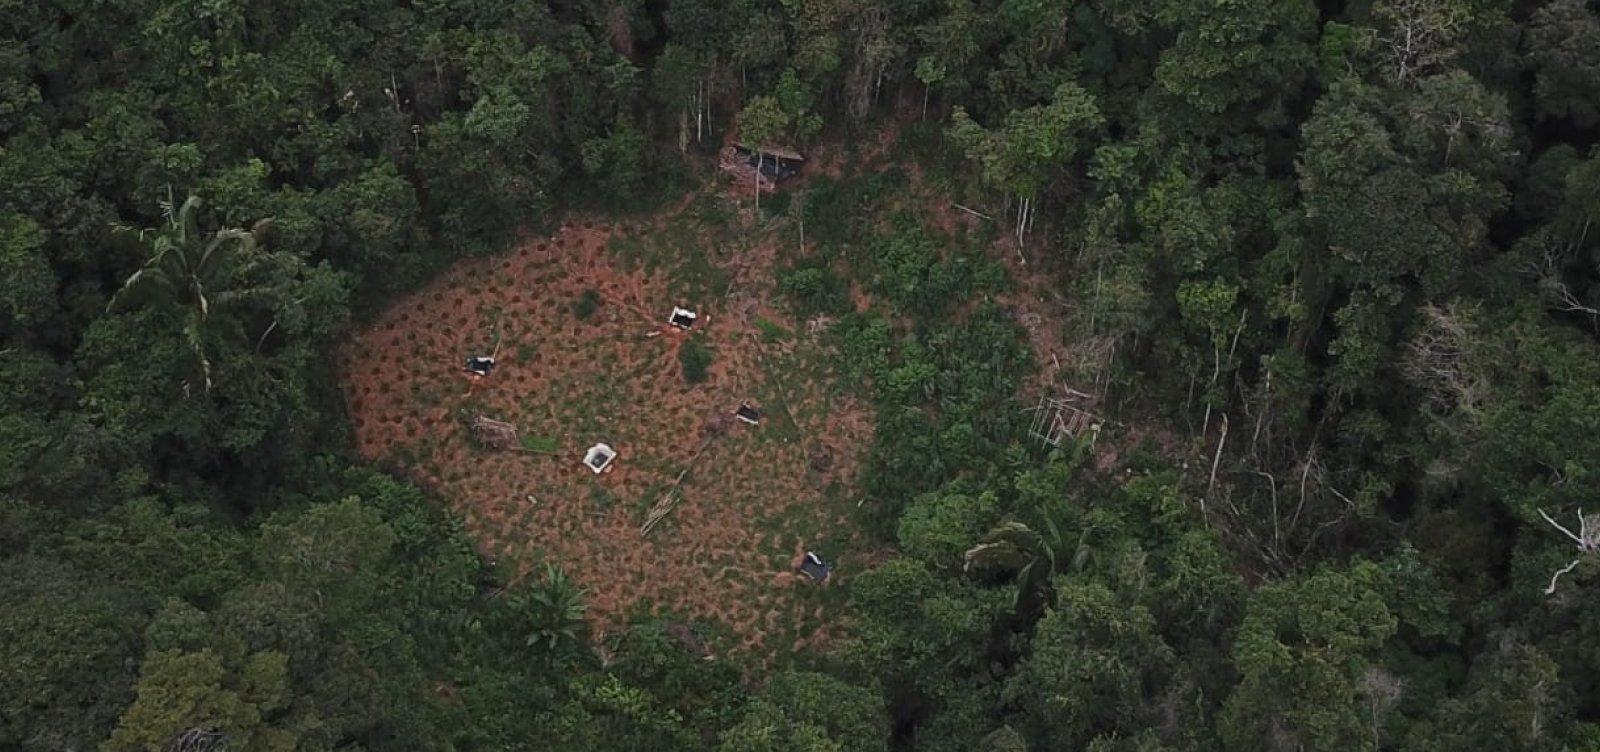 [Polícias usam drone e localizam cerca de quatro toneladas de maconha]